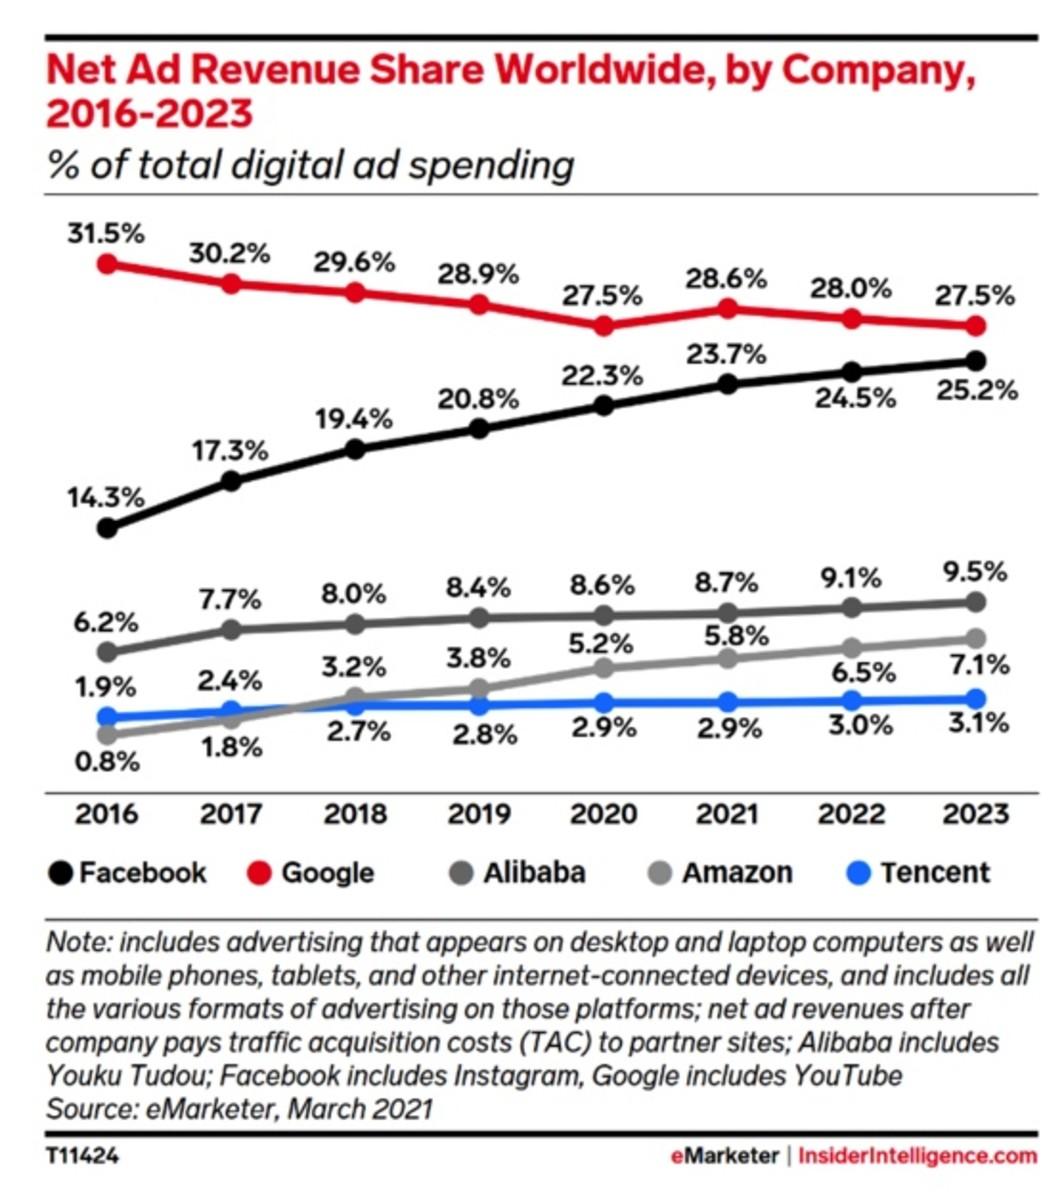 Figure 2: Net ad revenue share worldwide, by company.